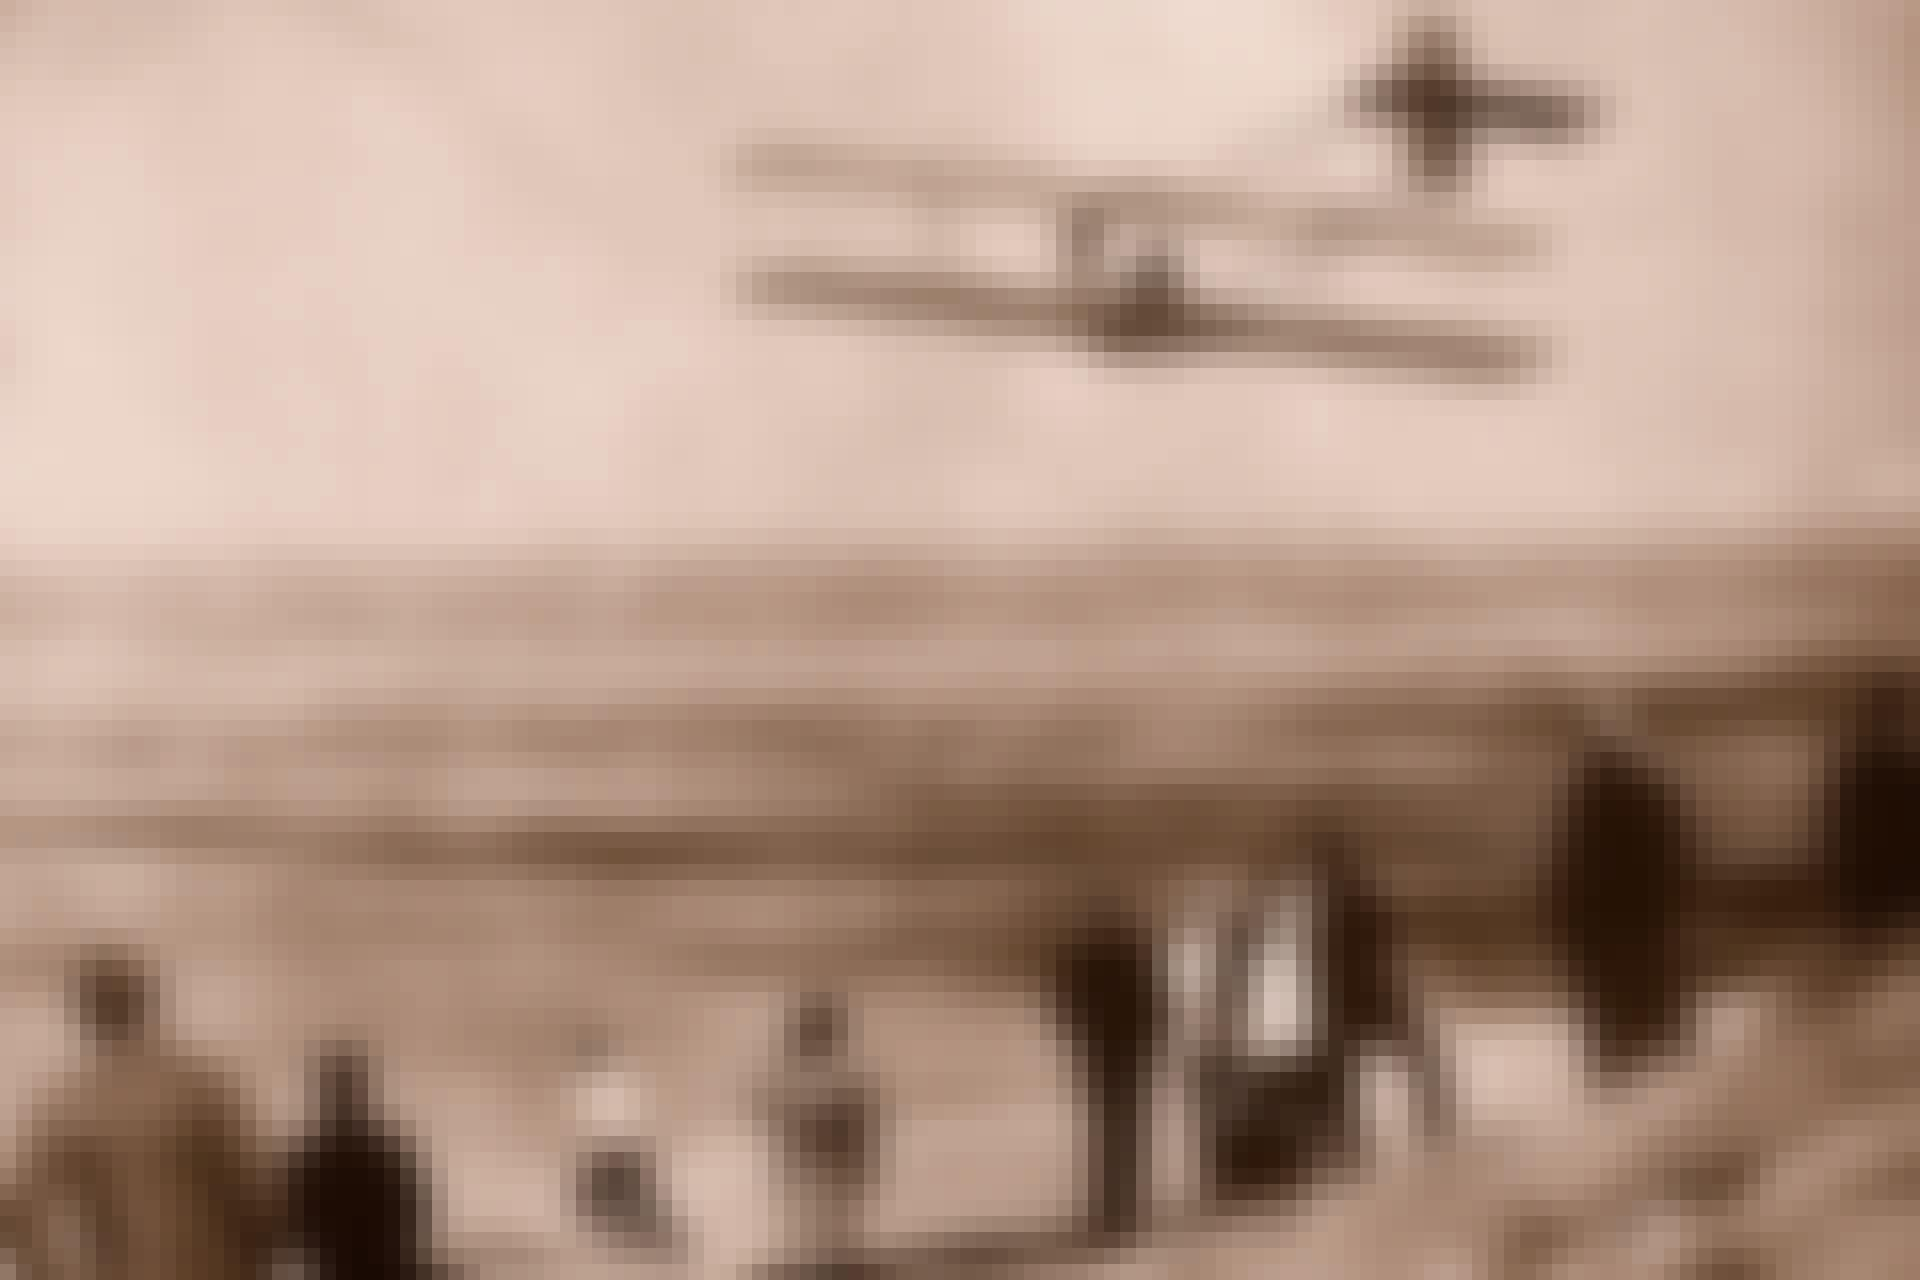 Verdens første flygning med motordrevet fly. Brødrene Orville og Wilbur Wright på stranden i Kitty Hawk 1903.